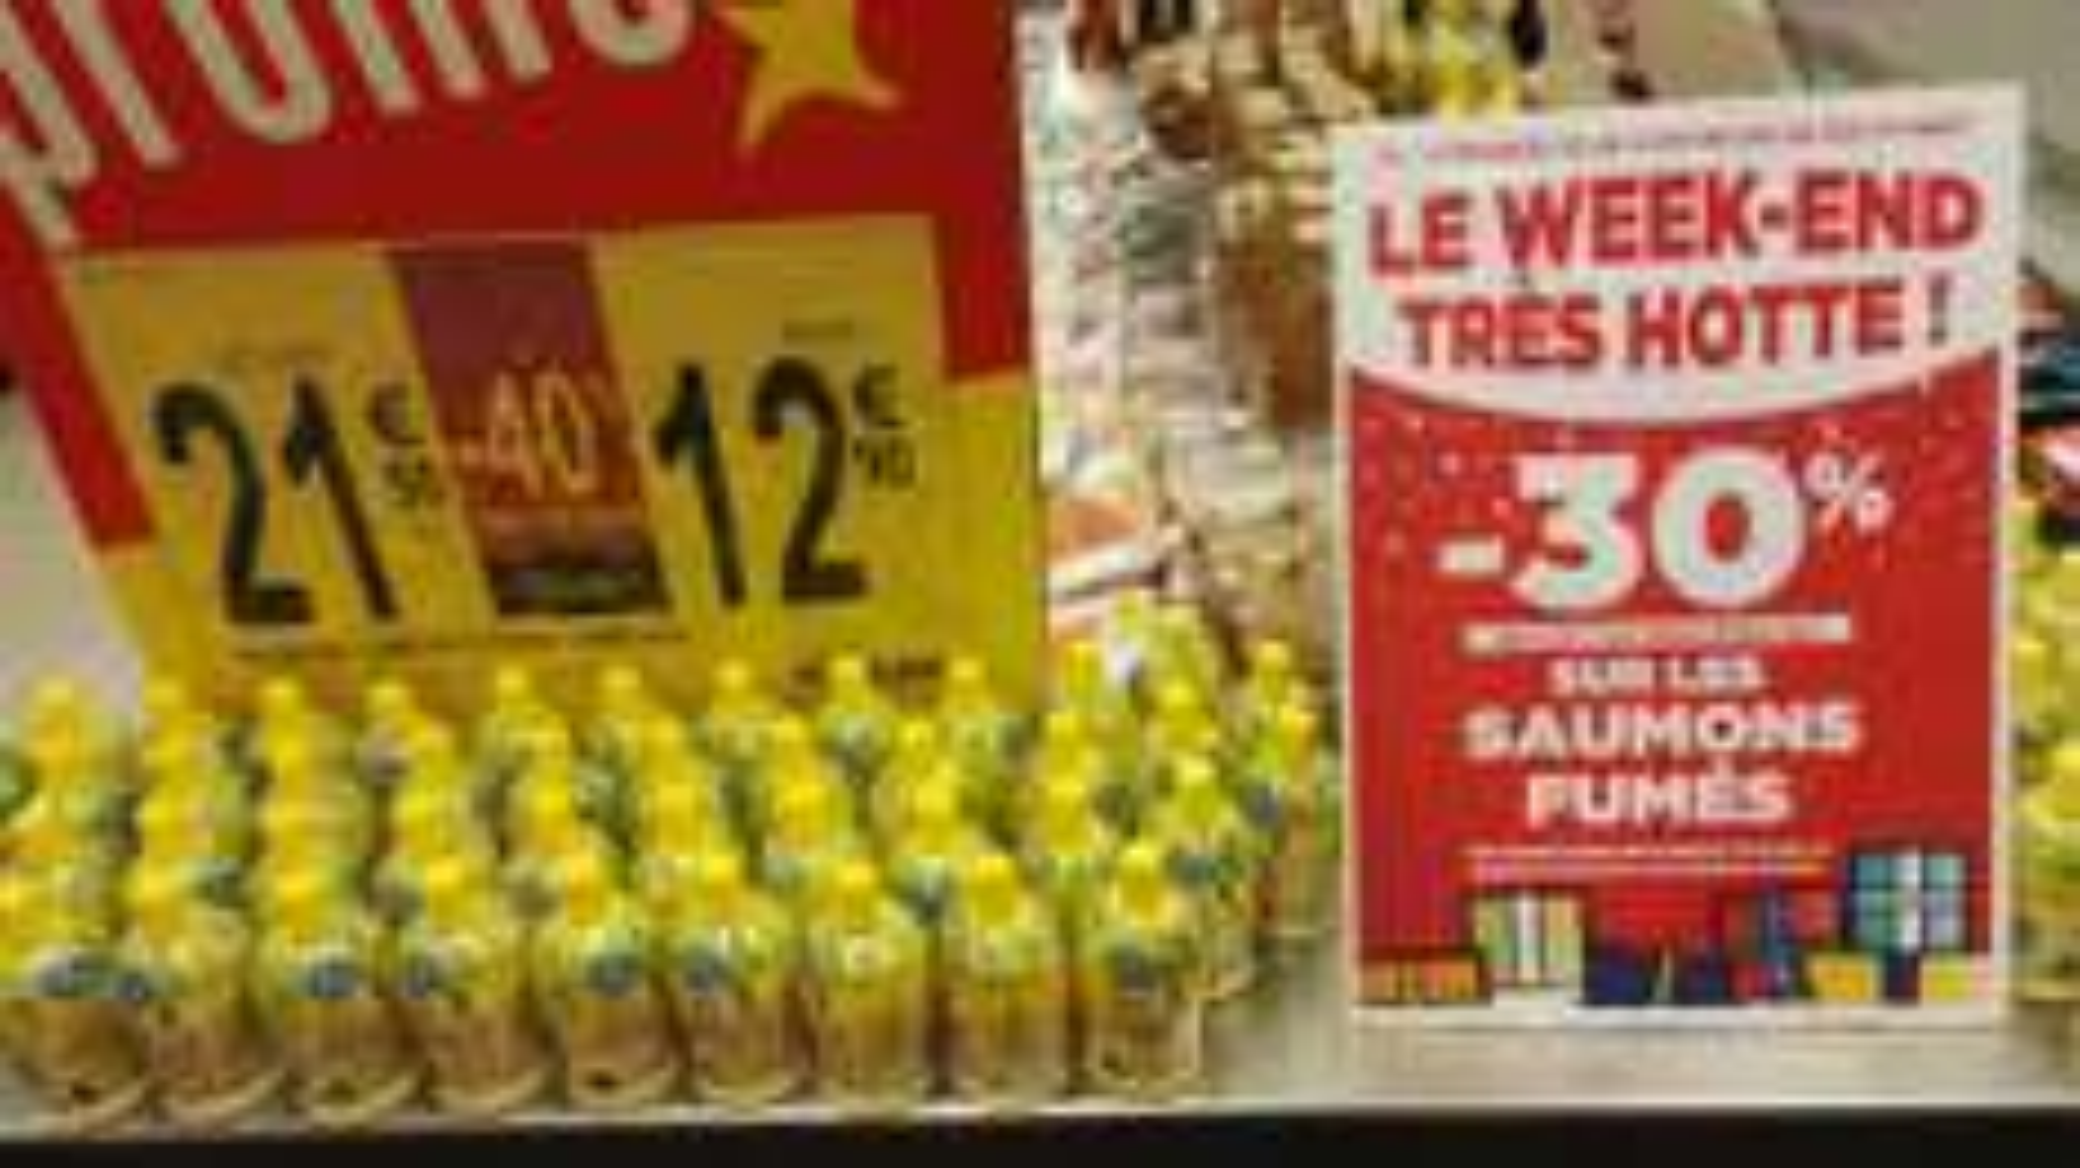 30% offerts en bon d'achat sur tous les saumons - Ex : Saumon fumé Labeyrie d'Ecosse (via 3.87€ fidélité)